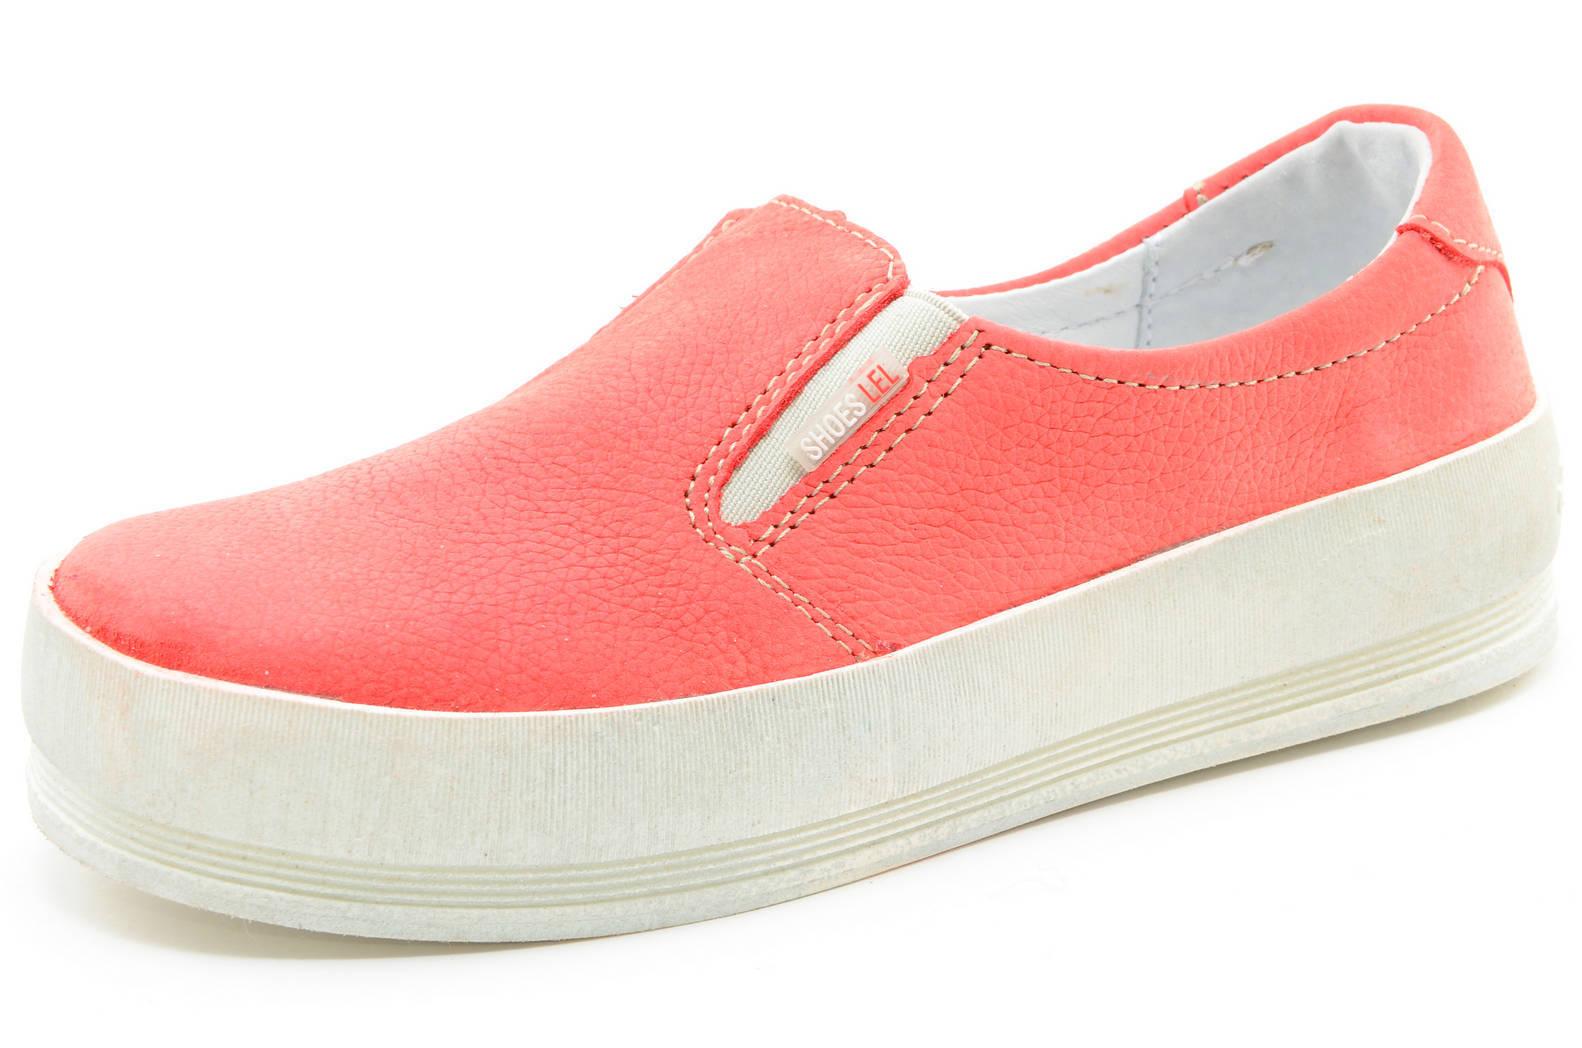 Слипоны на толстой подошве кожаные Лель (LEL) для девочек, цвет коралловый